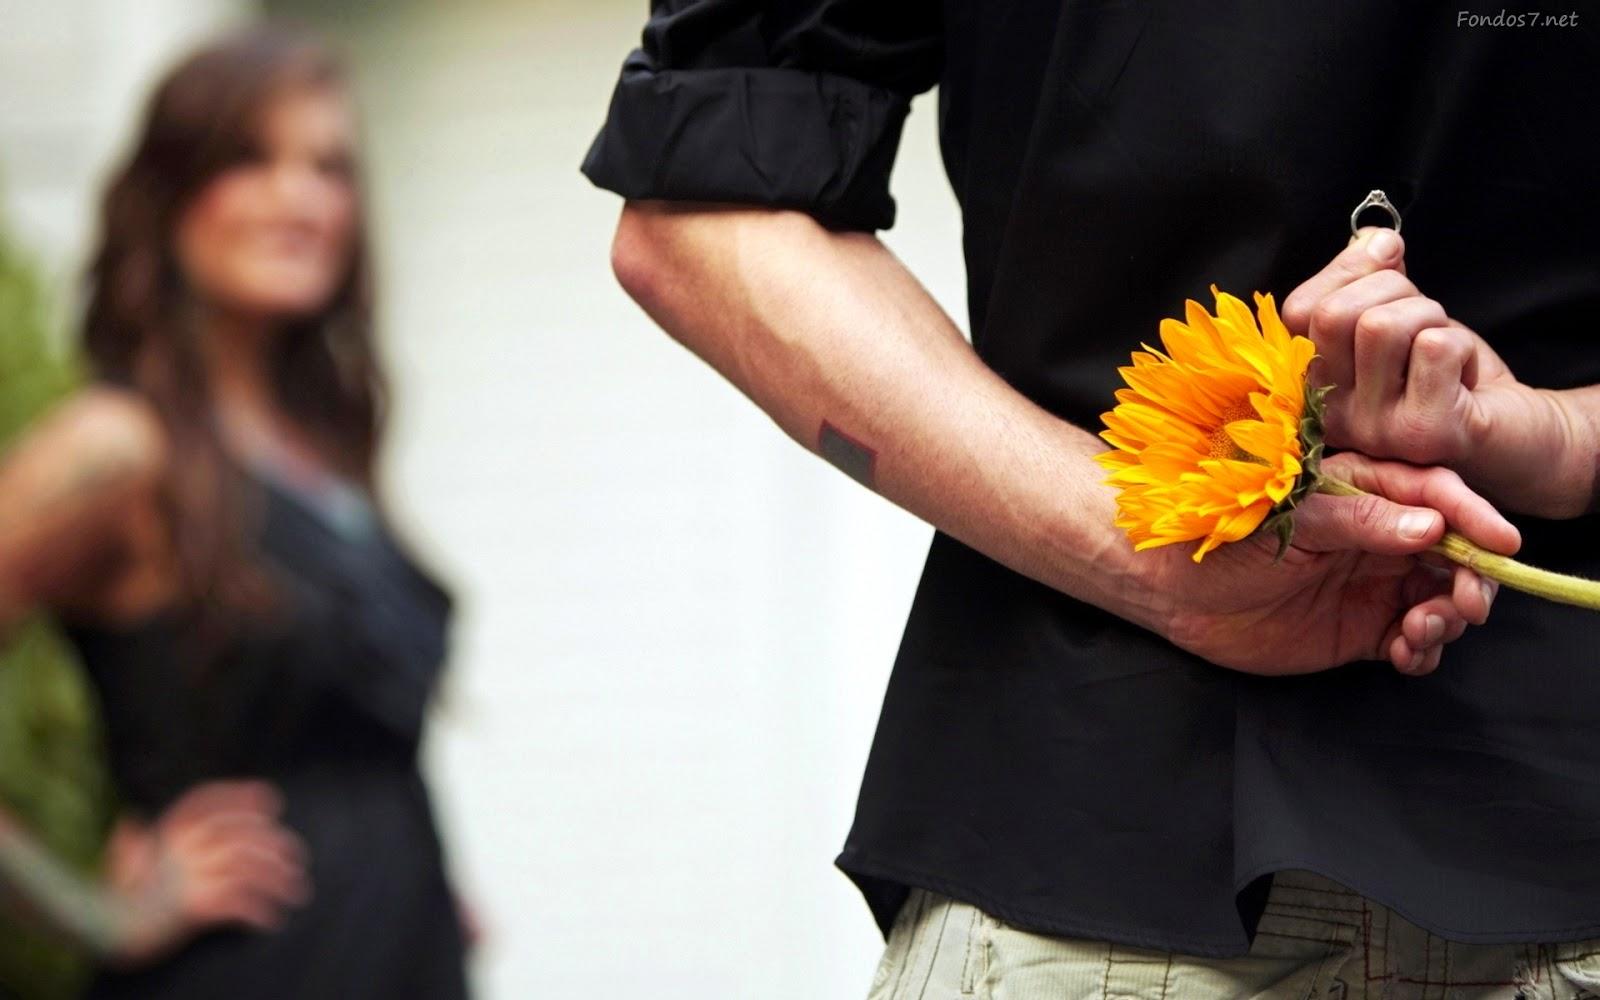 Frases de amor en imágenes, mente, sueñe, manos, labios, besarte, enamorado.